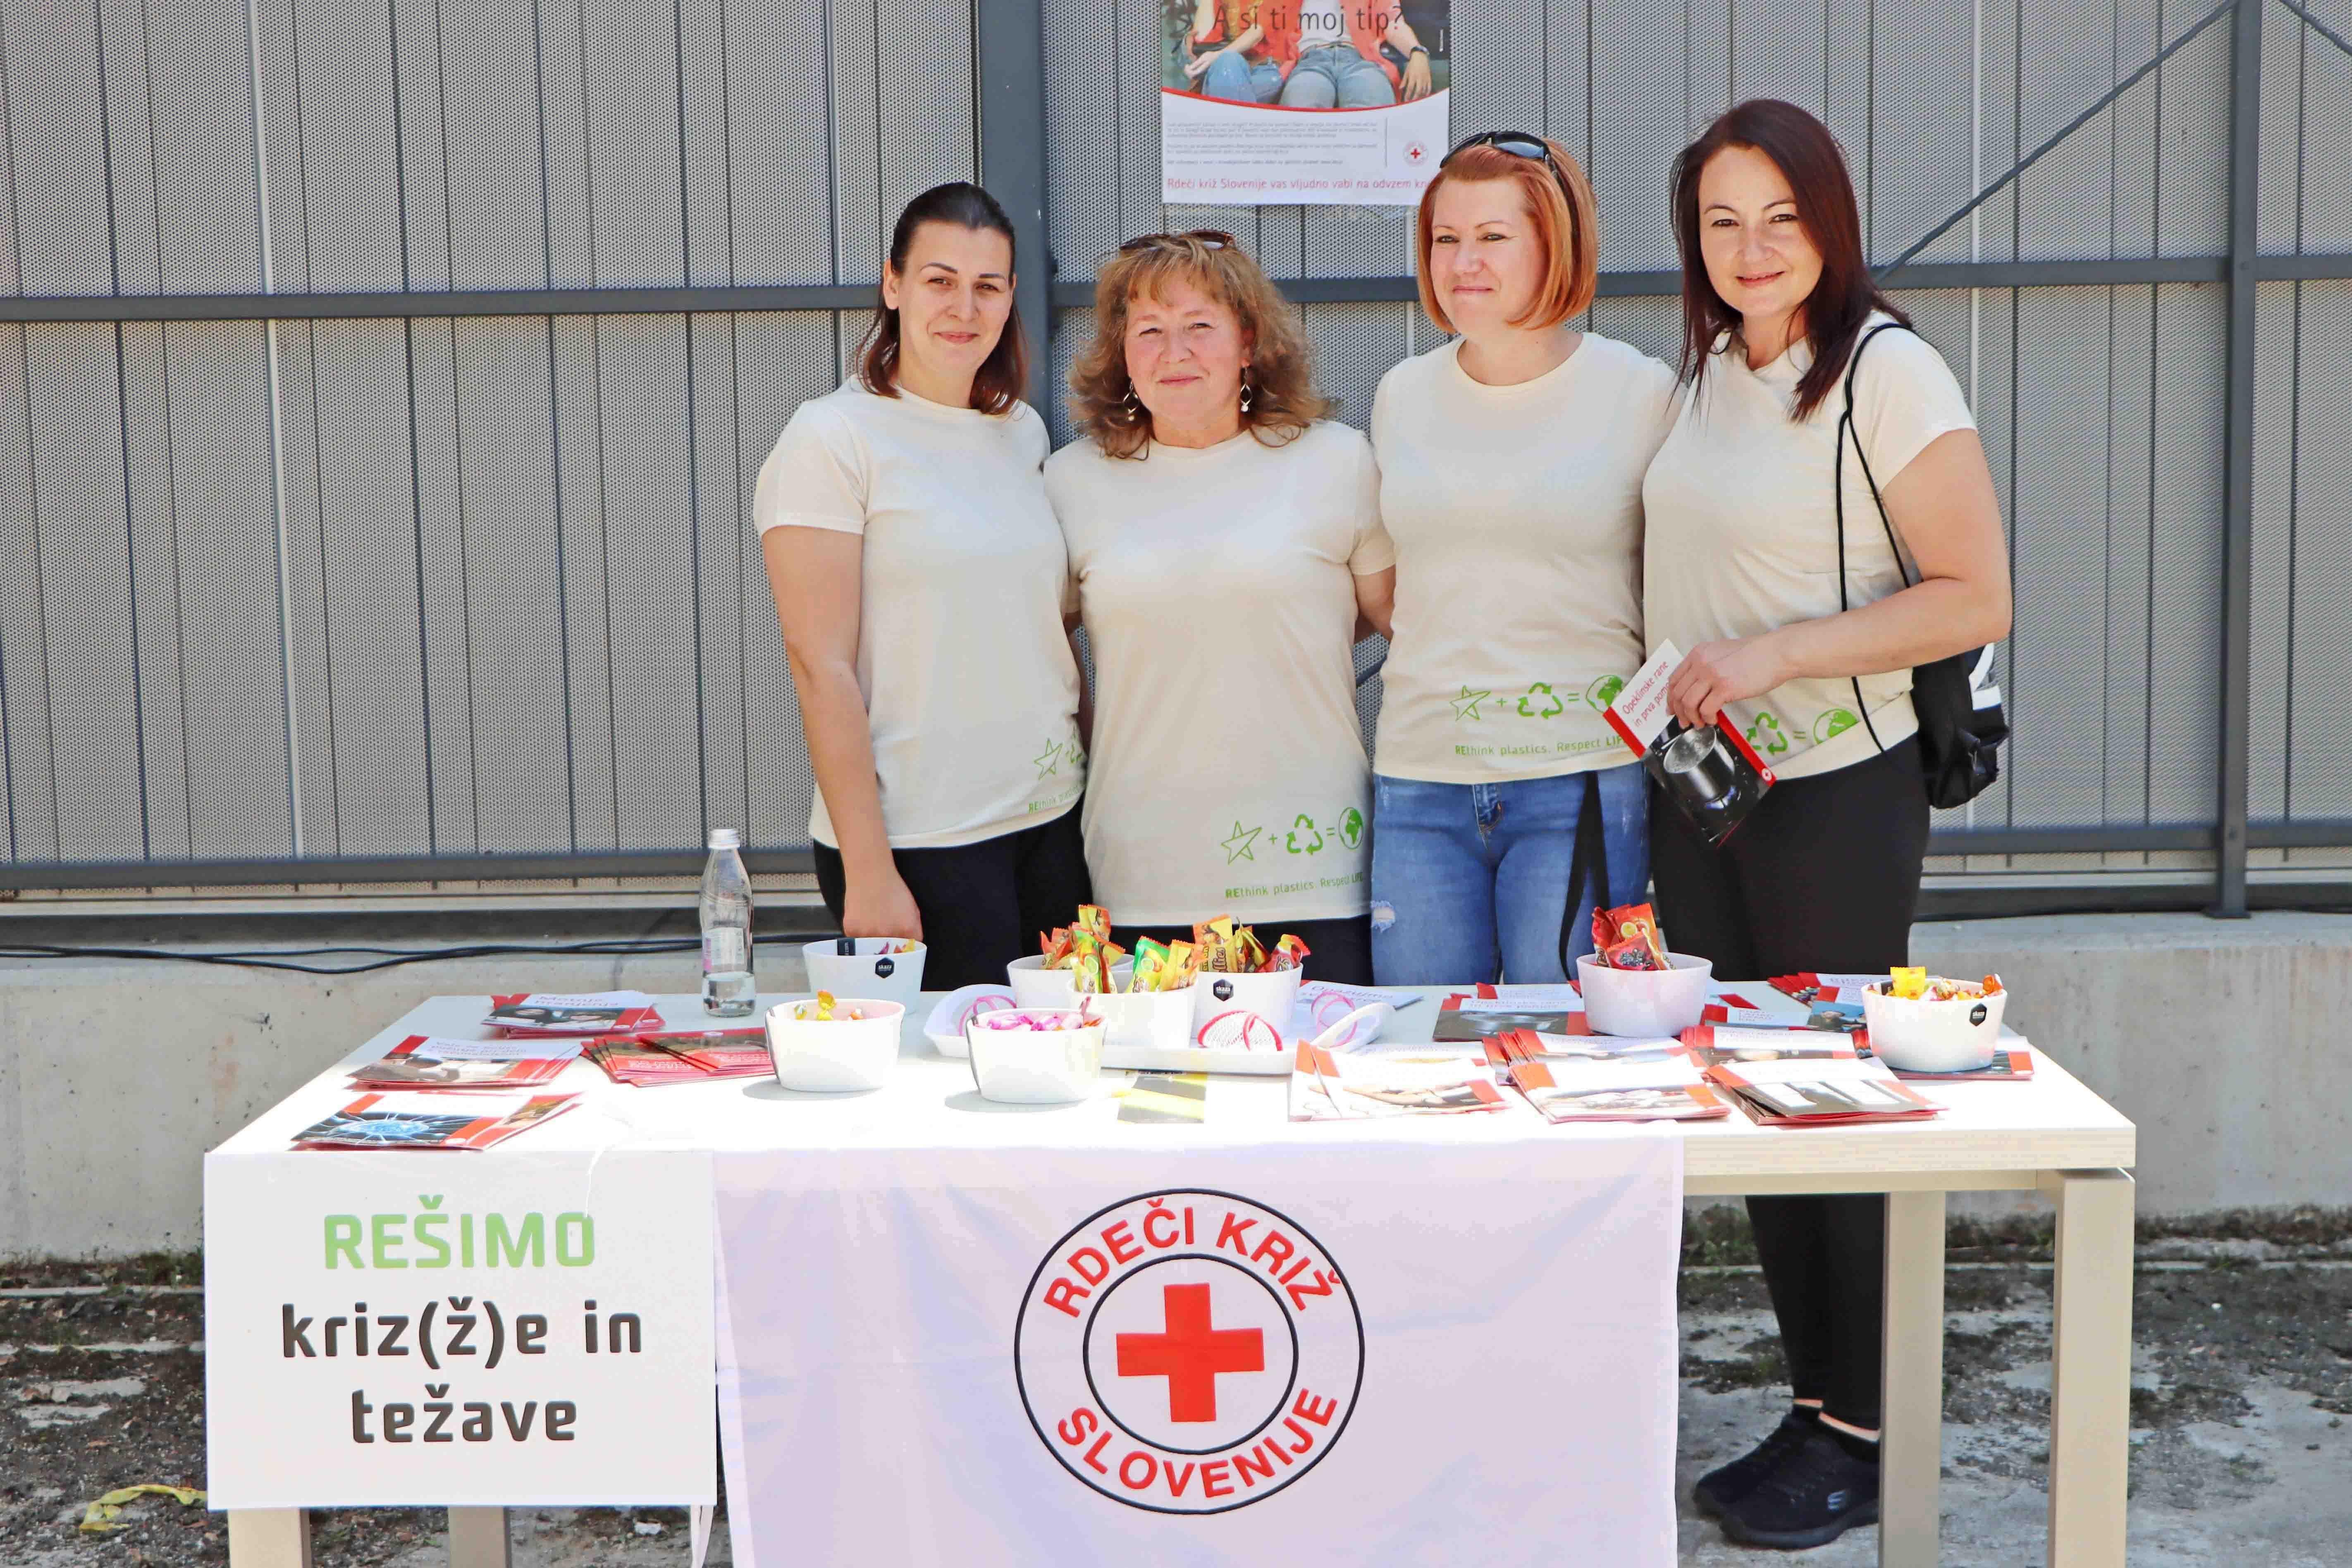 Sodelavcem smo predstavili delovanje rdečega križa